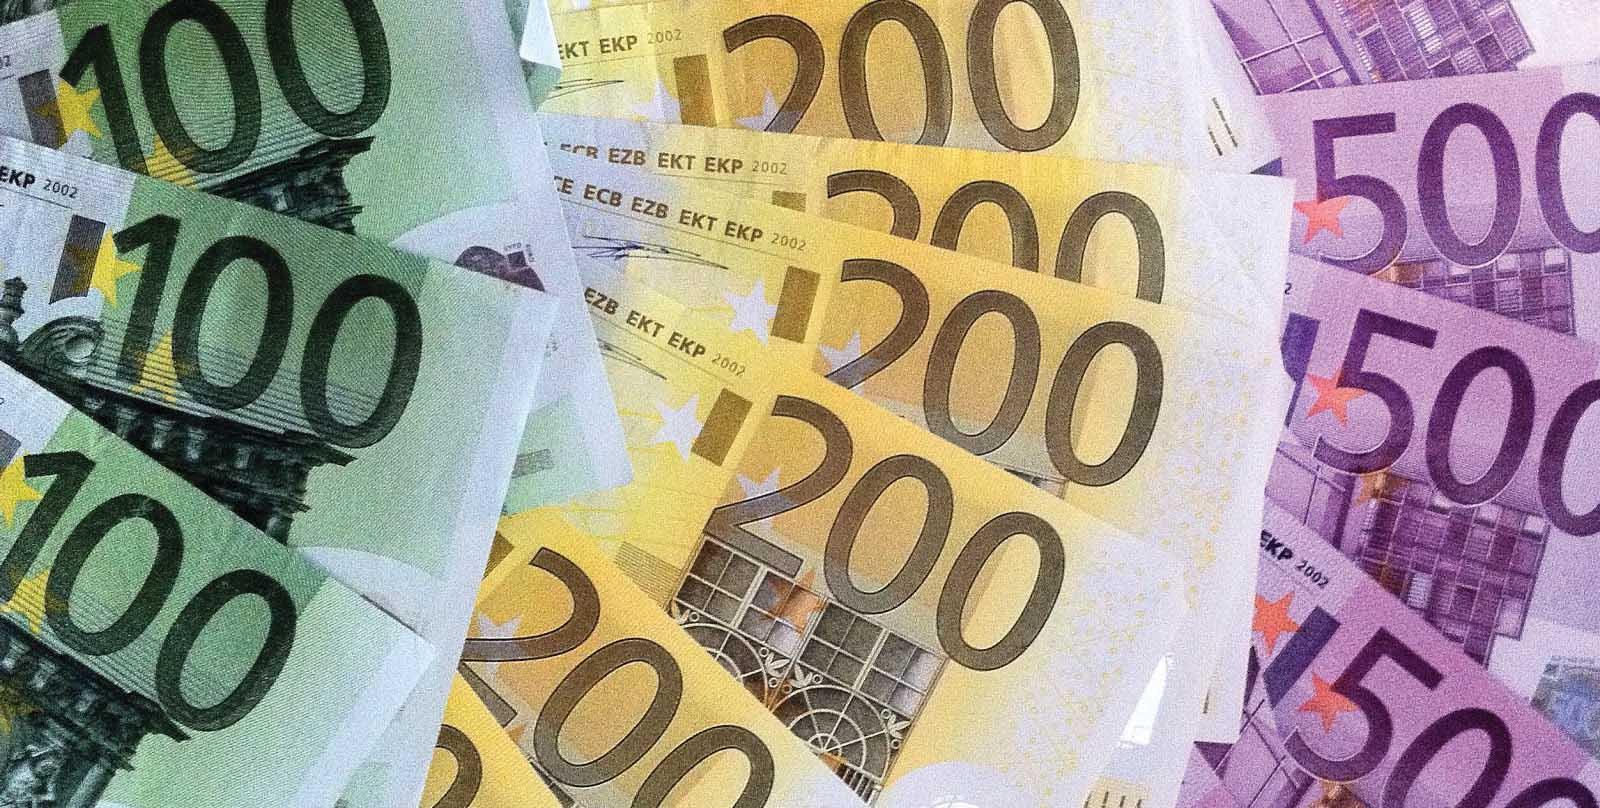 soldi euro biglietti 100 200 500